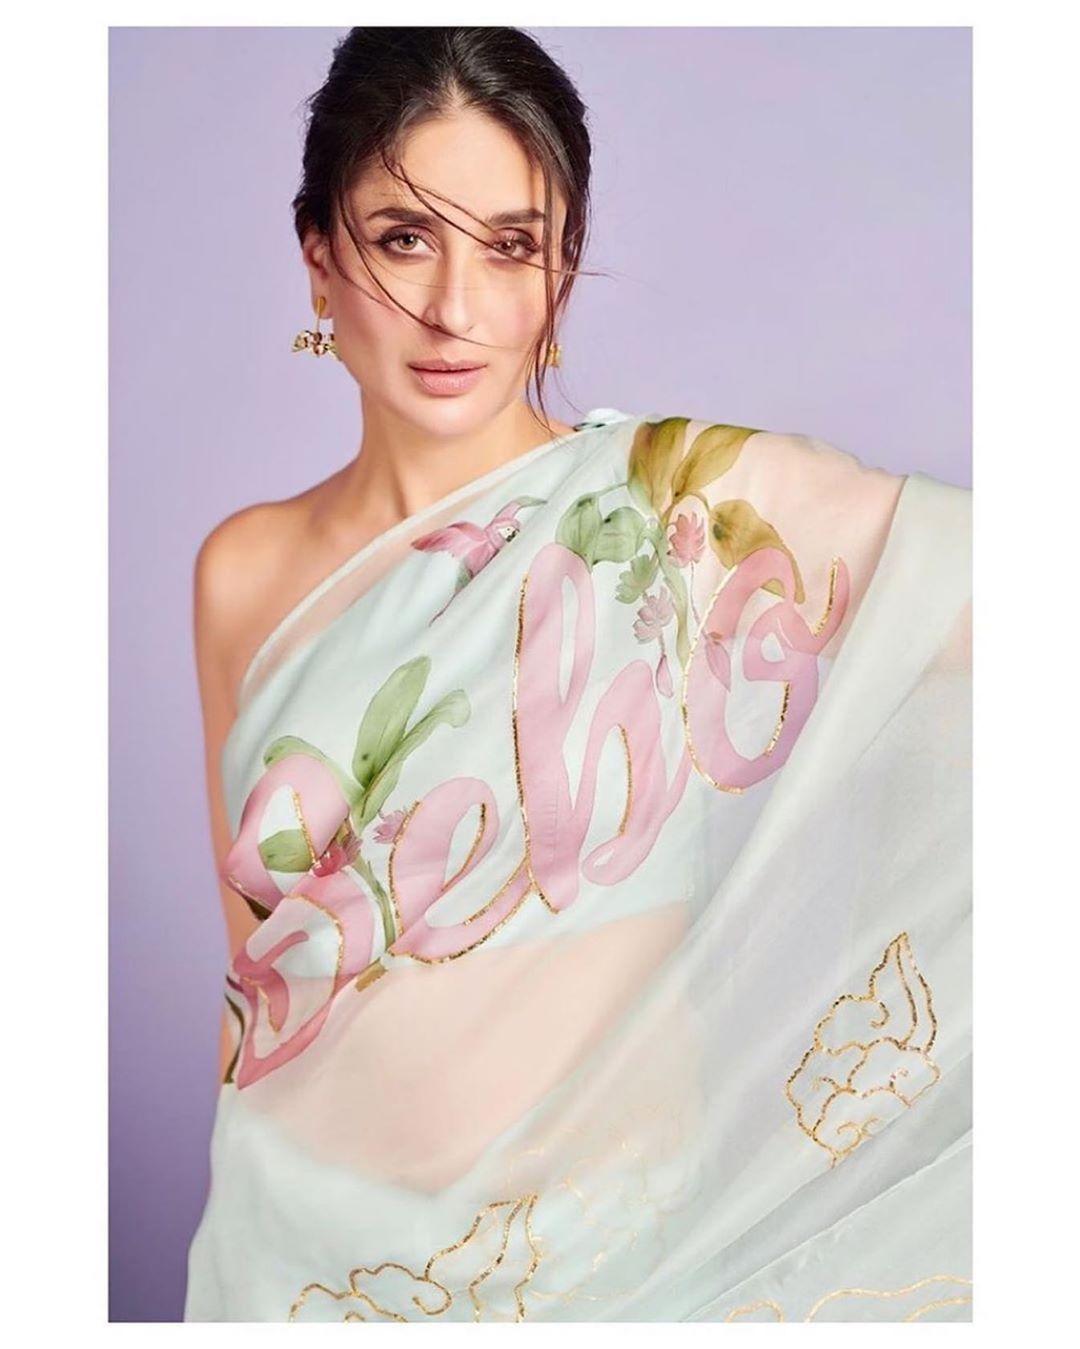 Kareena Kapoor Khan Proves That She Is Her Favourite With Her Bebo Print Saree Bollywood Fashion Organza Saree Kareena Kapoor